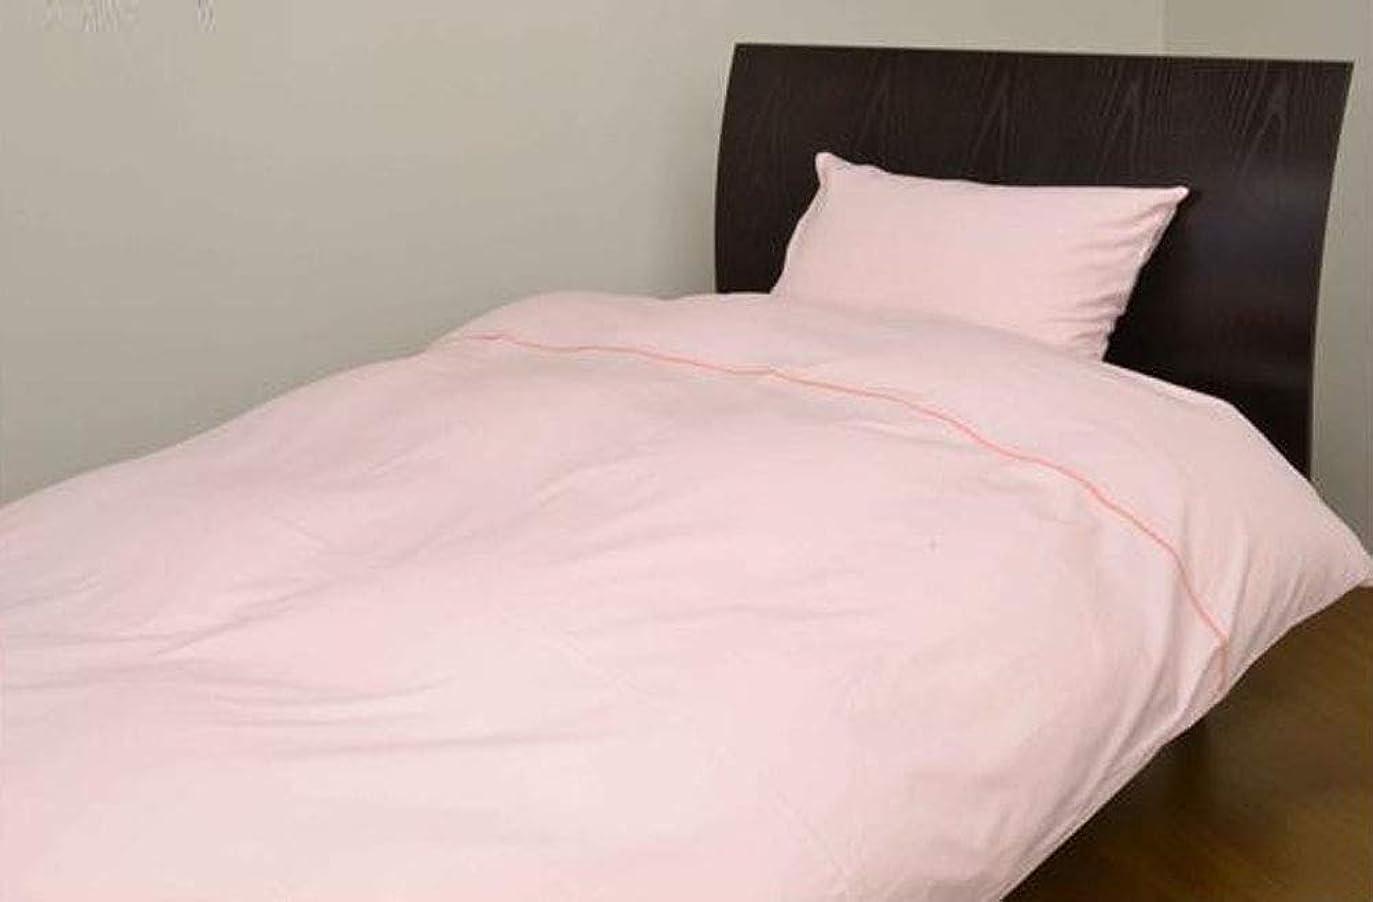 腸かご理解するウエスティ工業 フラットシーツ ピンク シングル